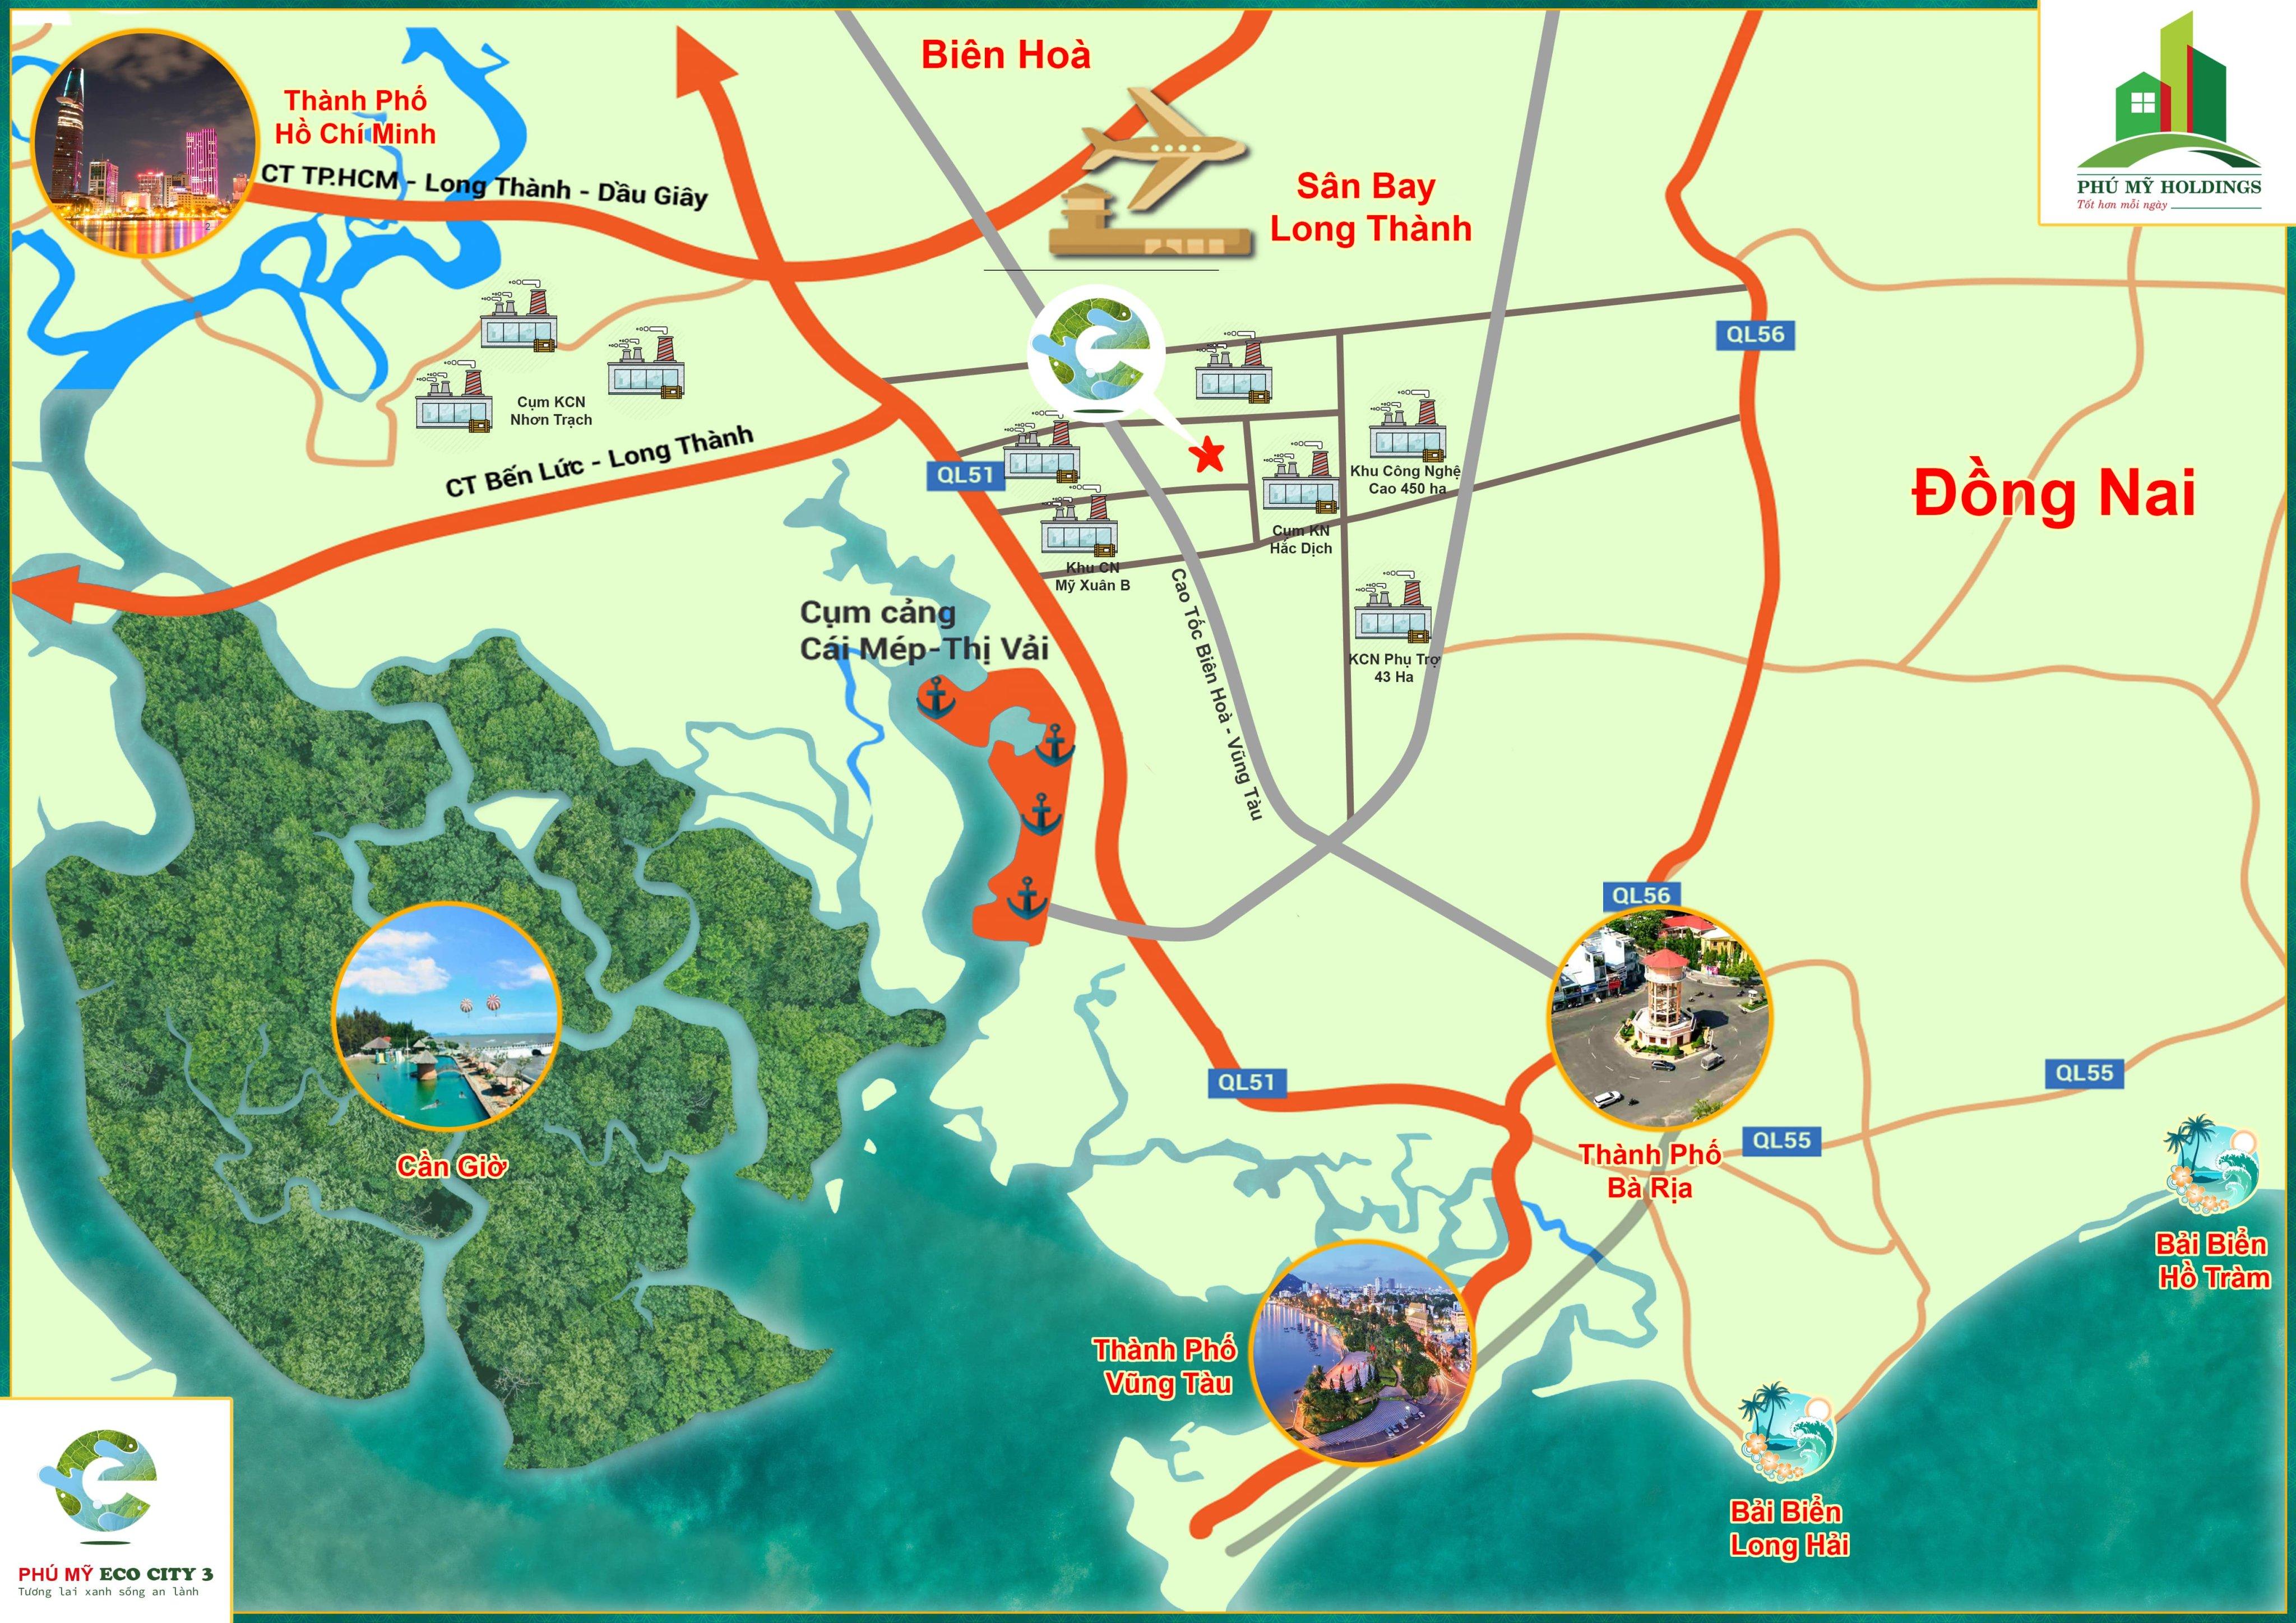 Vị trí khu dân cư Phú Mỹ Eco City 3